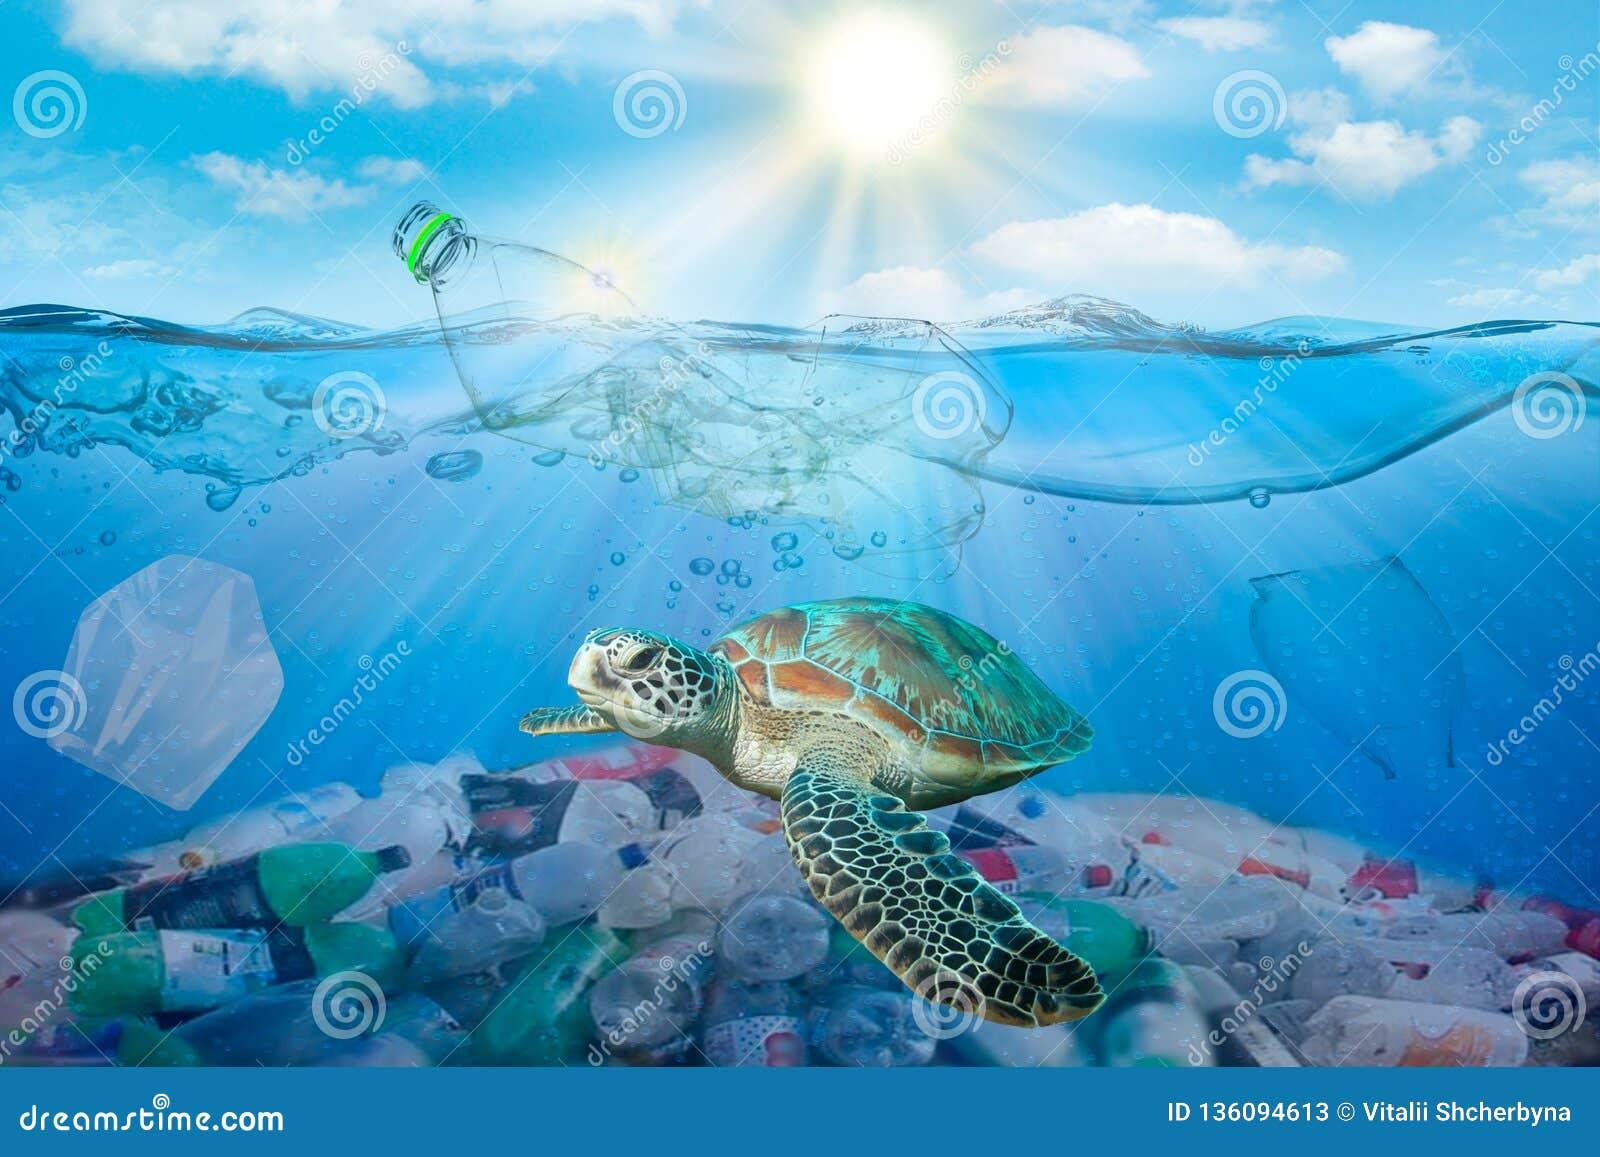 Πλαστική ρύπανση στο ωκεάνιο περιβαλλοντικό πρόβλημα Οι χελώνες μπορούν να φάνε τις πλαστικές τσάντες μπερδεύοντας τους με τη μέδ